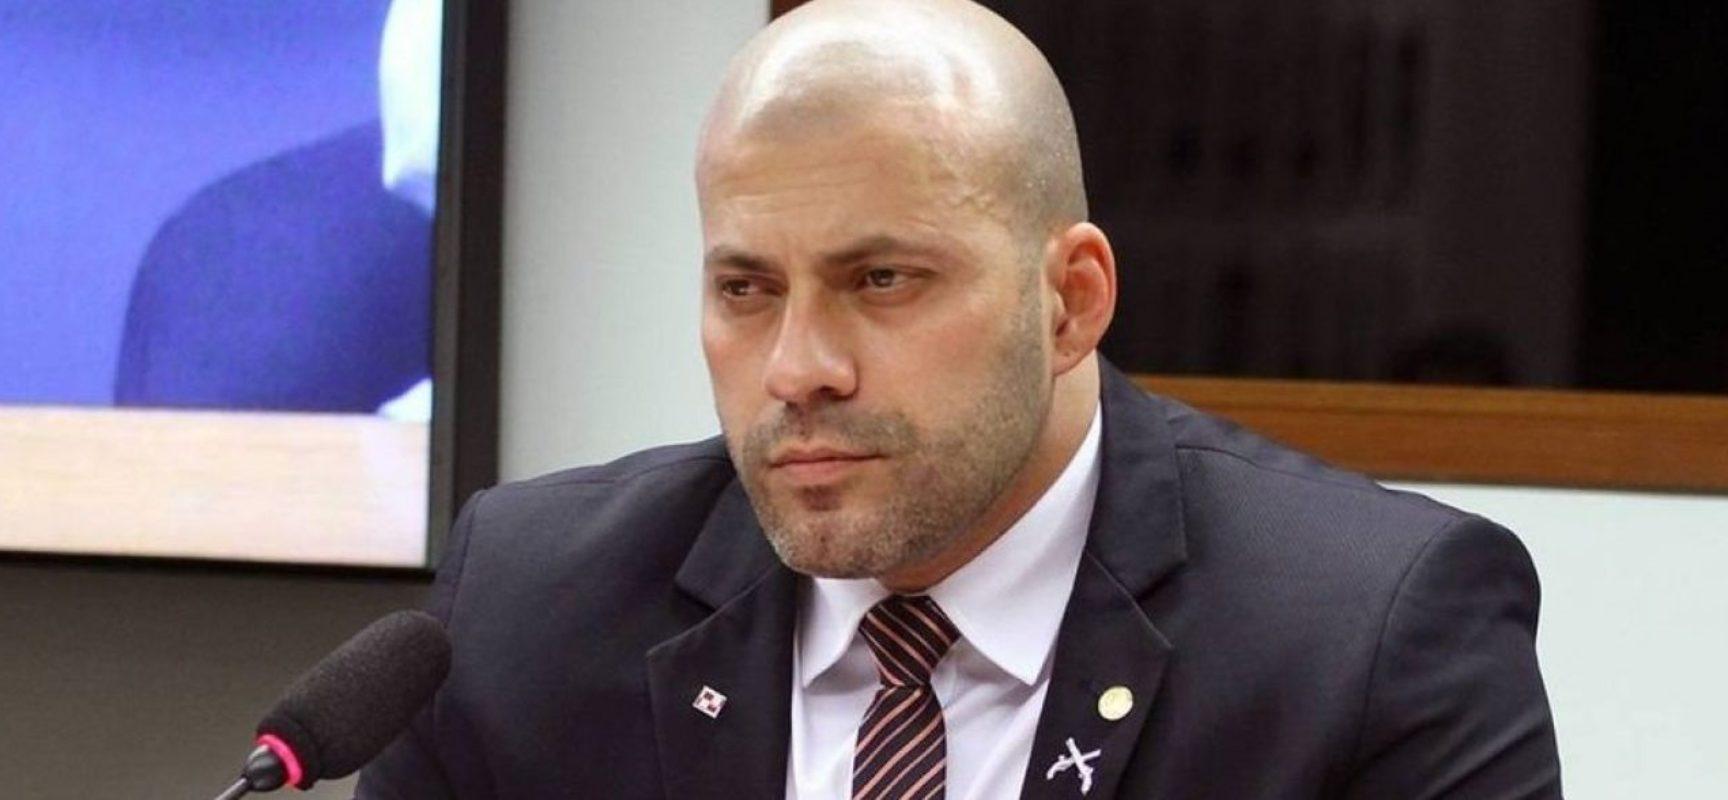 Moraes pede que PGR se manifeste sobre agressões de Daniel Silveira cometidas após a denúncia